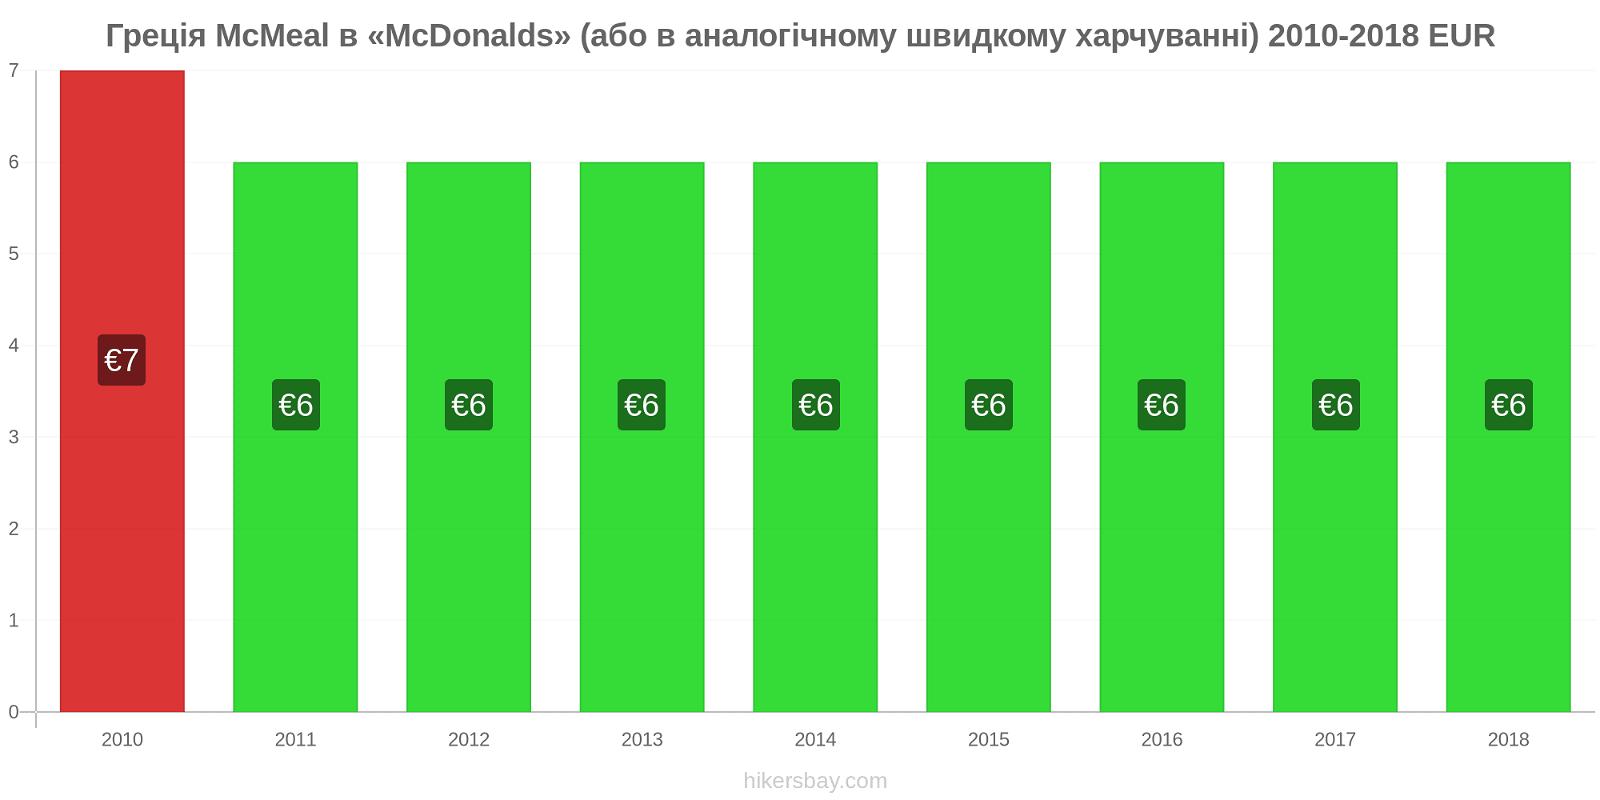 Греція зміни цін McMeal в «McDonalds» (або в аналогічному швидкому харчуванні) hikersbay.com